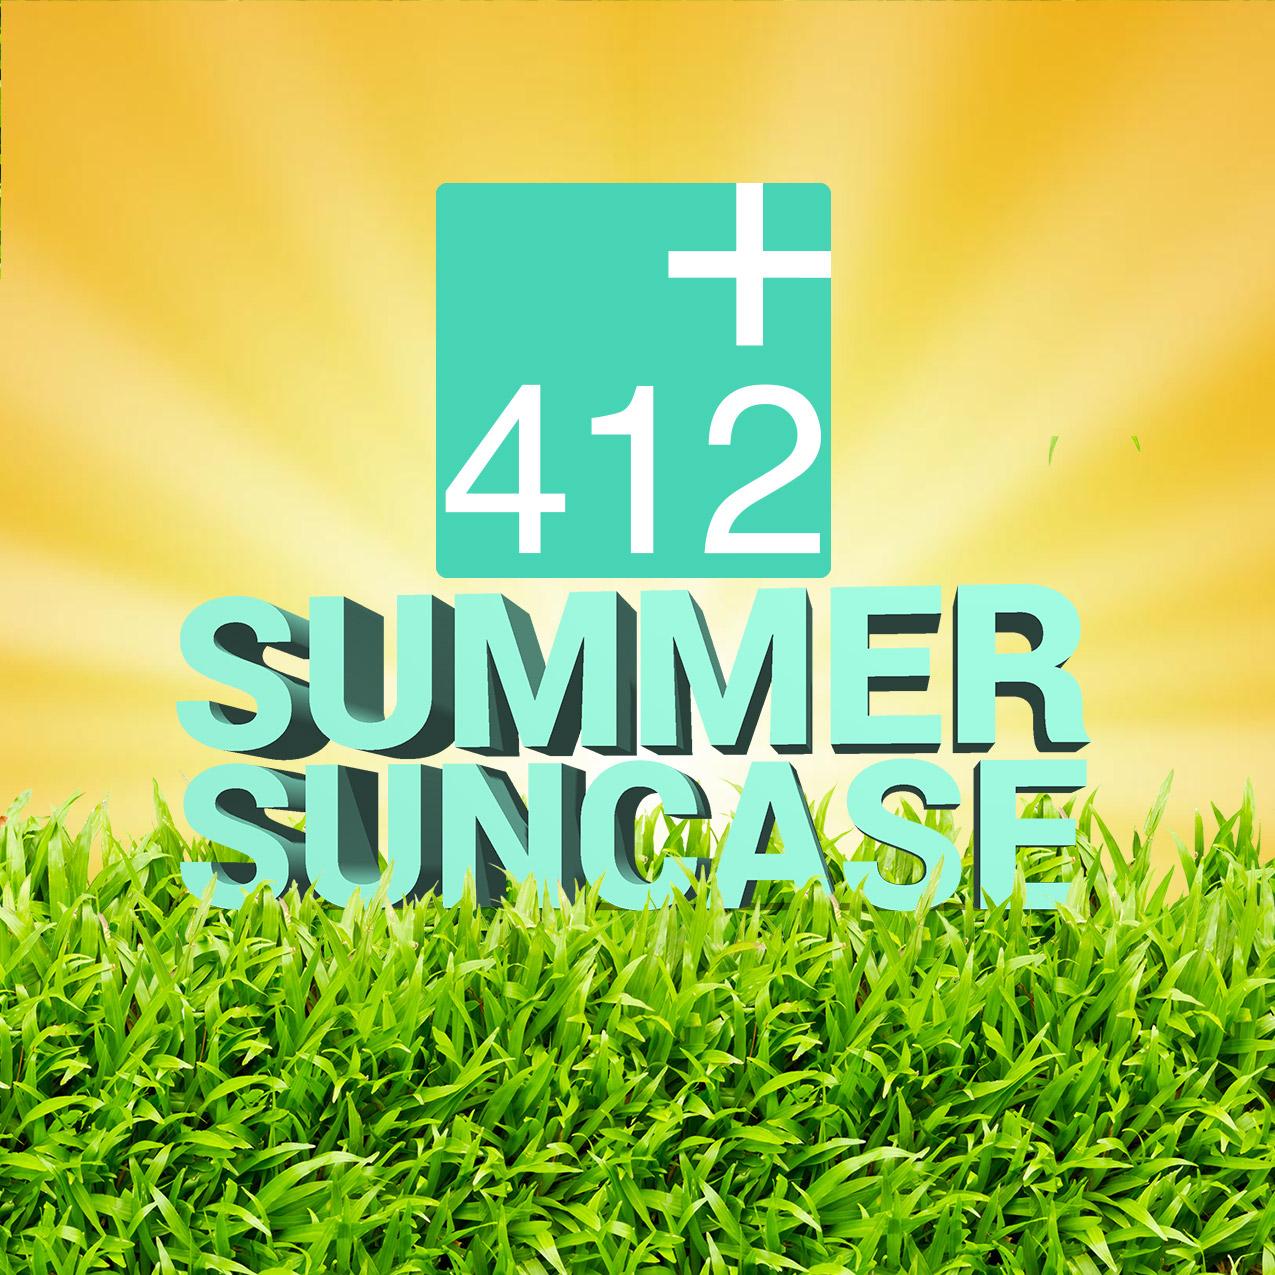 412 Summer Suncase banner image